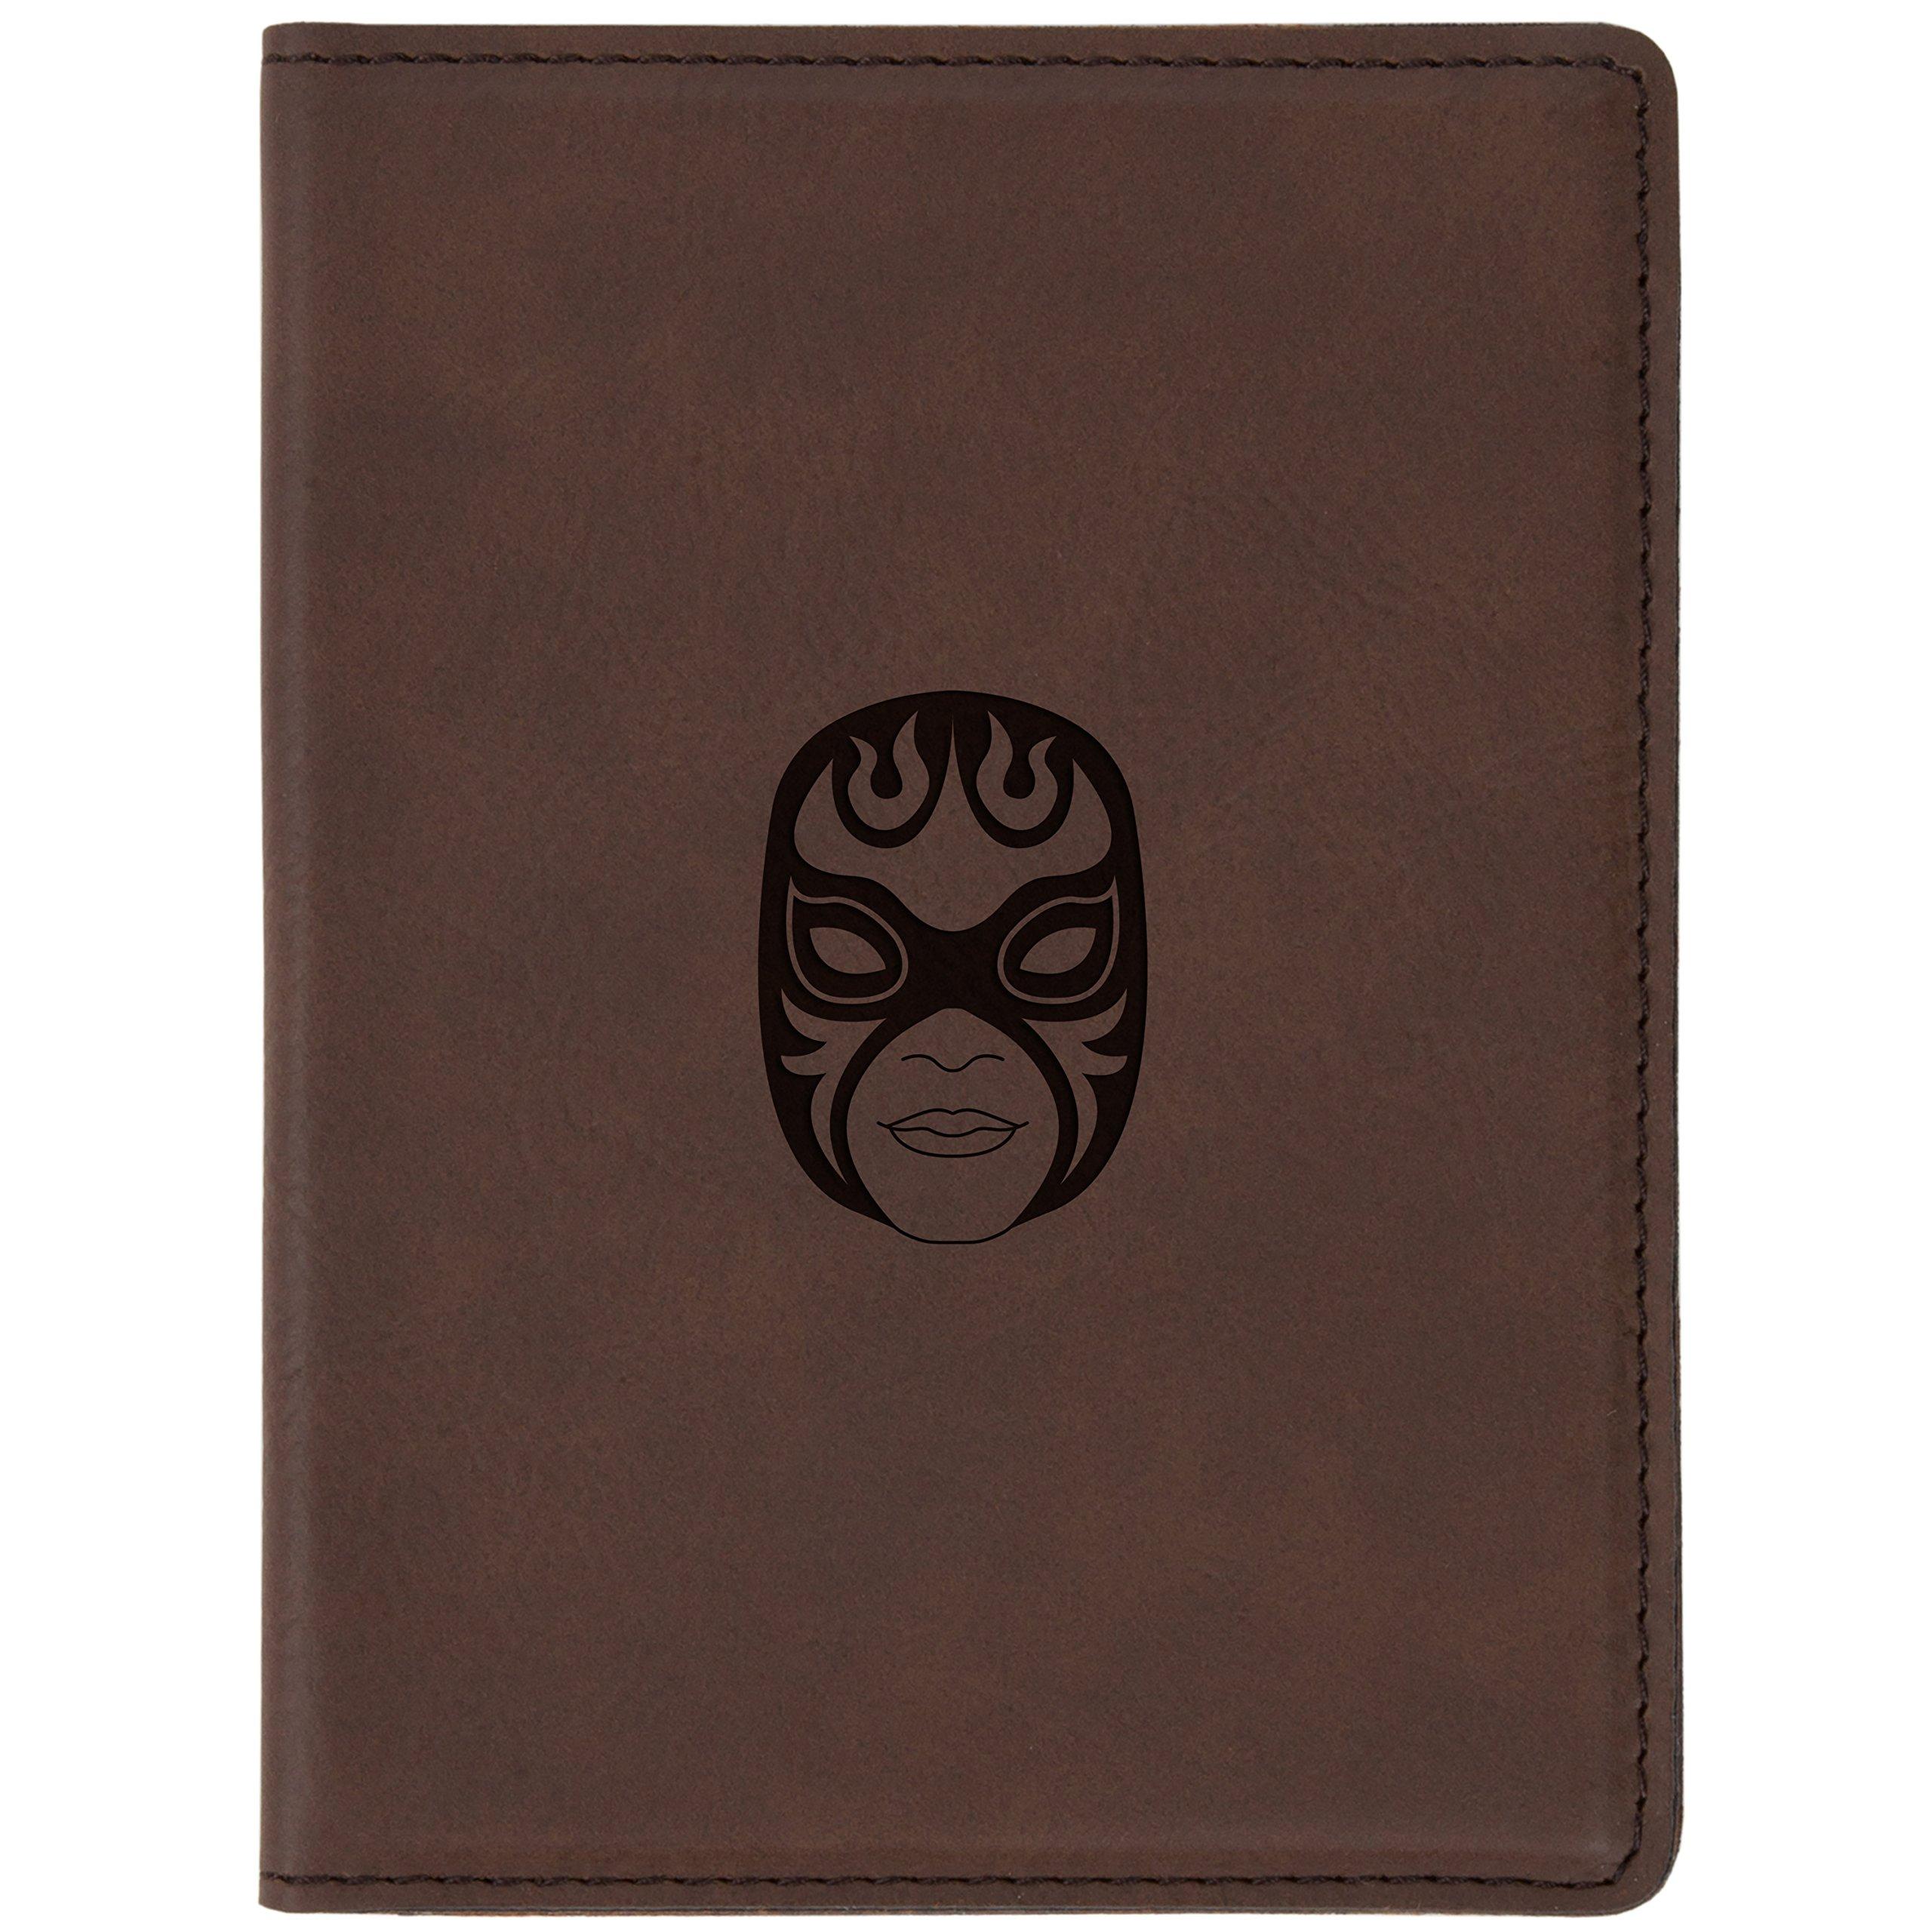 """Wrestling Mask Brown Leather Passport Holder - Laser Etched Design - 4 X 5.5"""" Engraved Passport Holder For Women And Men"""